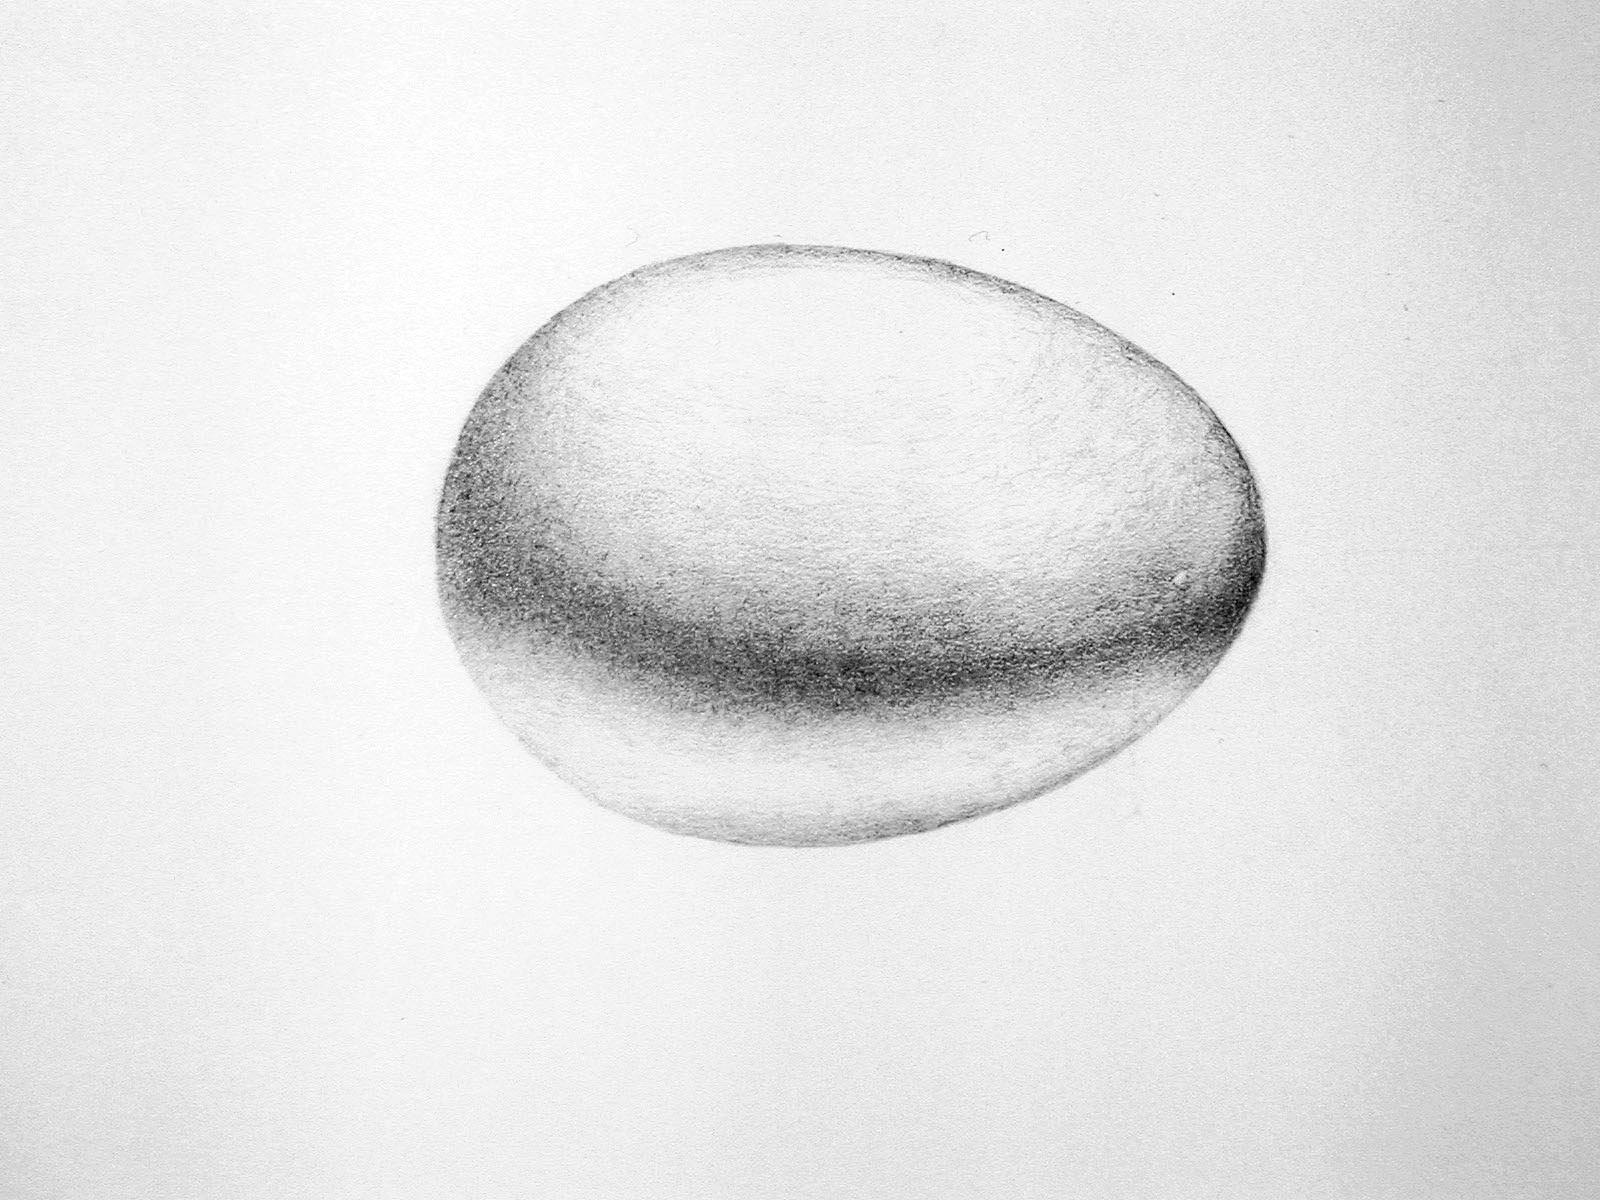 dibujo-detallado-huevo-gallina-para-conocer-partes-educacion